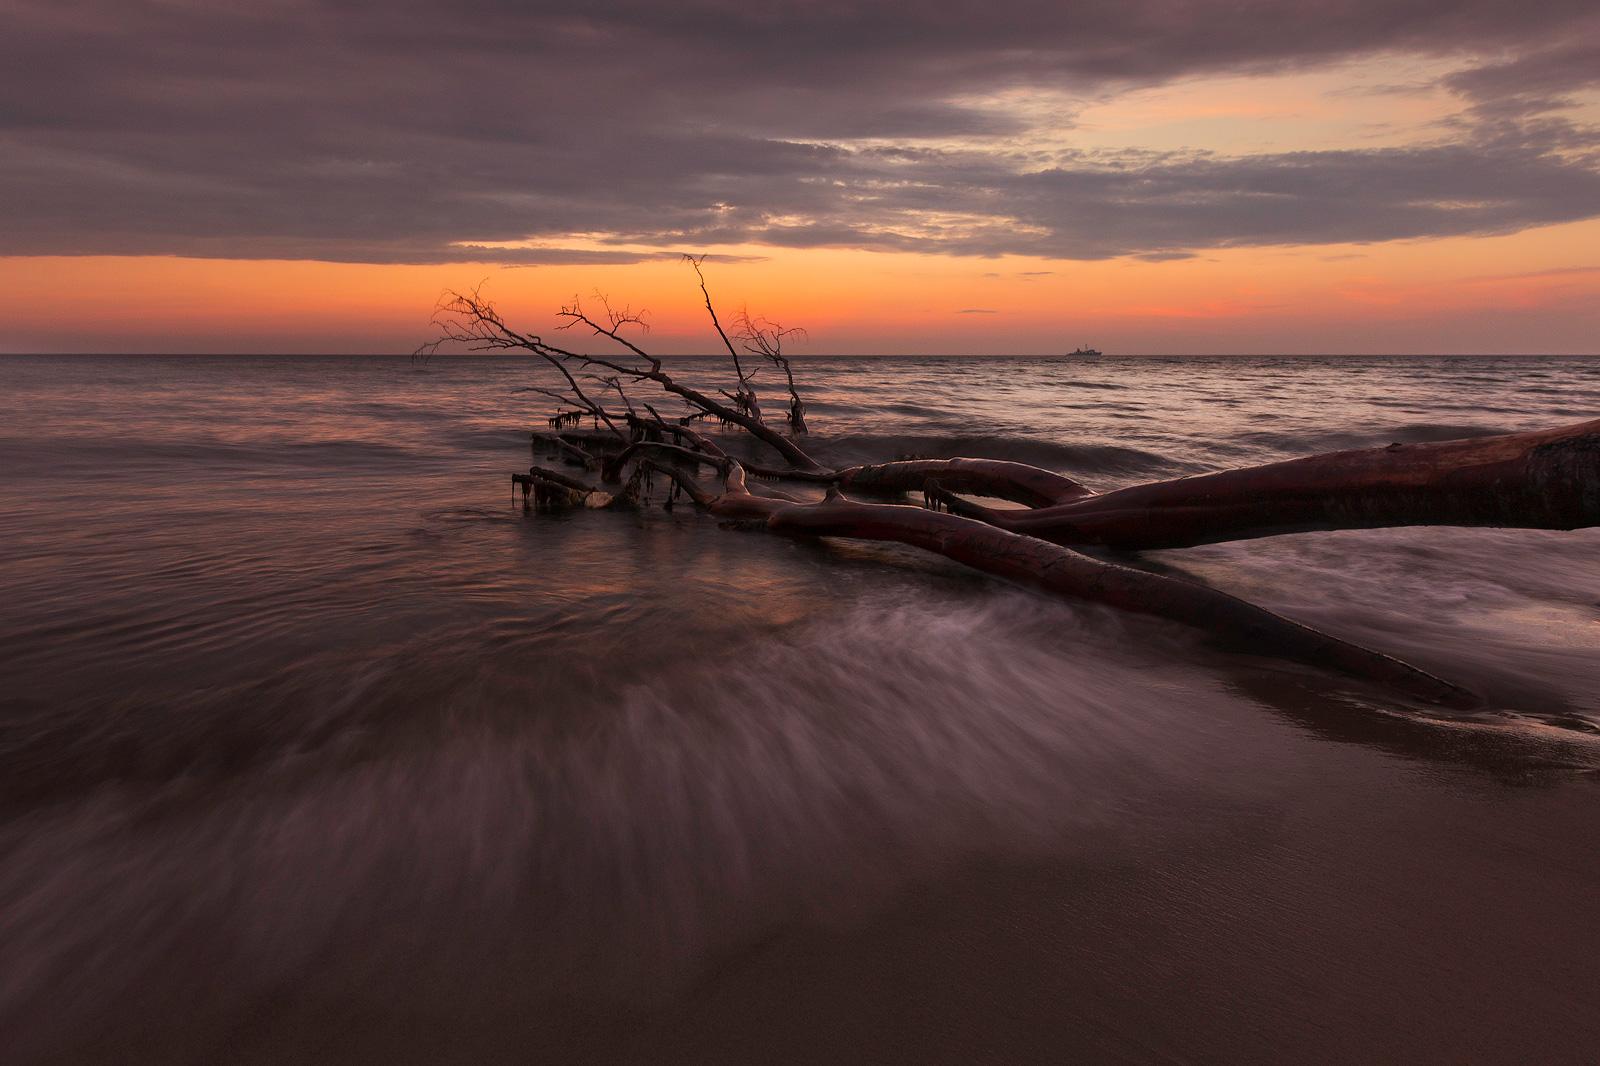 Ein ins Wasser ragender umgestürzter Baum beim Sonnenuntergang am Weststrand, Ostsee.